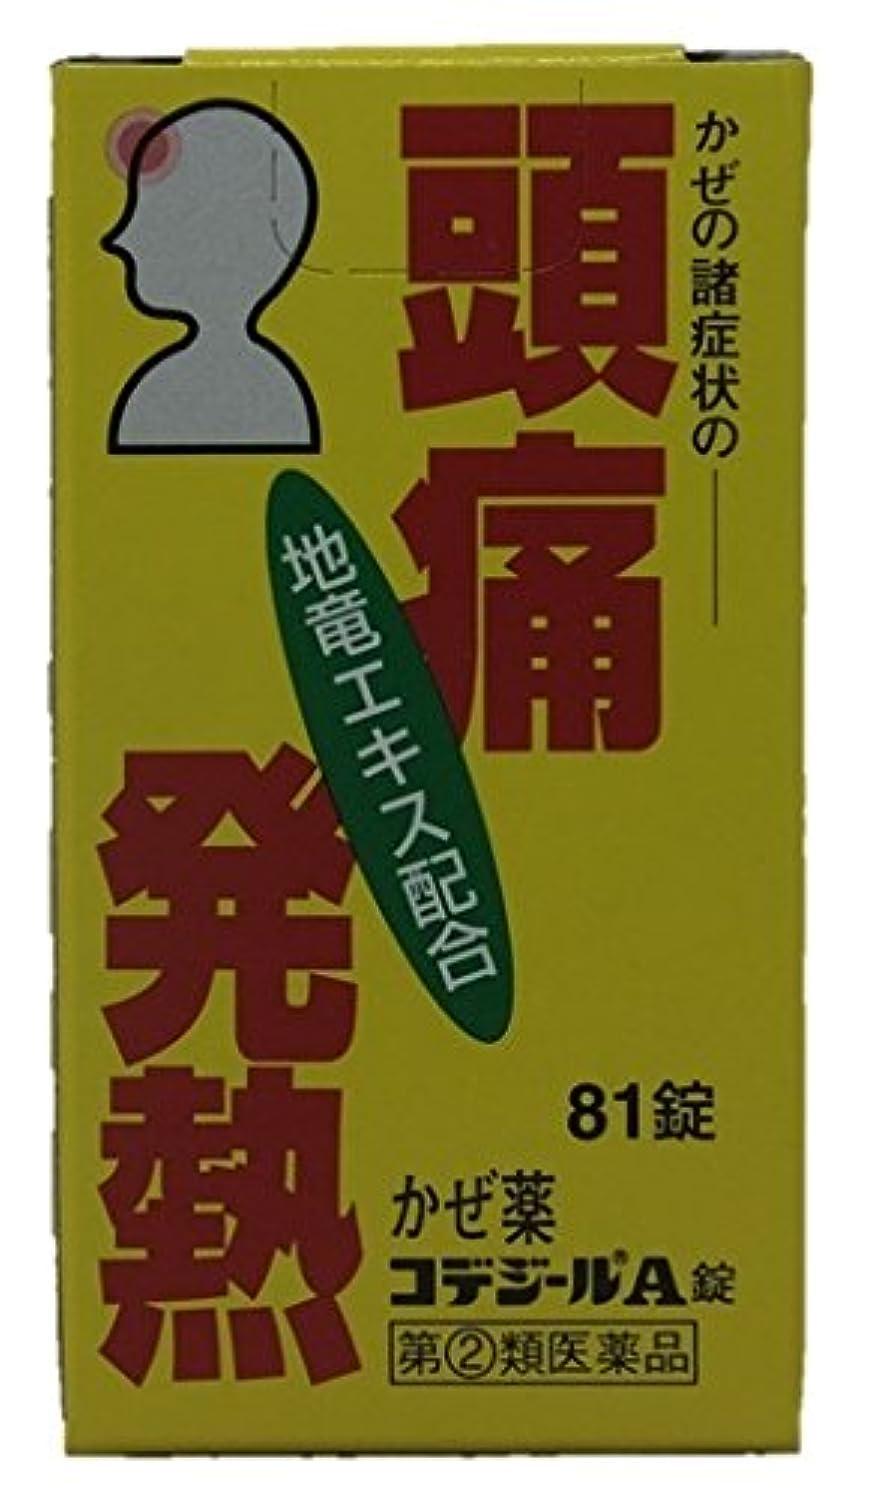 発音関係禁輸【指定第2類医薬品】コデジールA錠 81錠